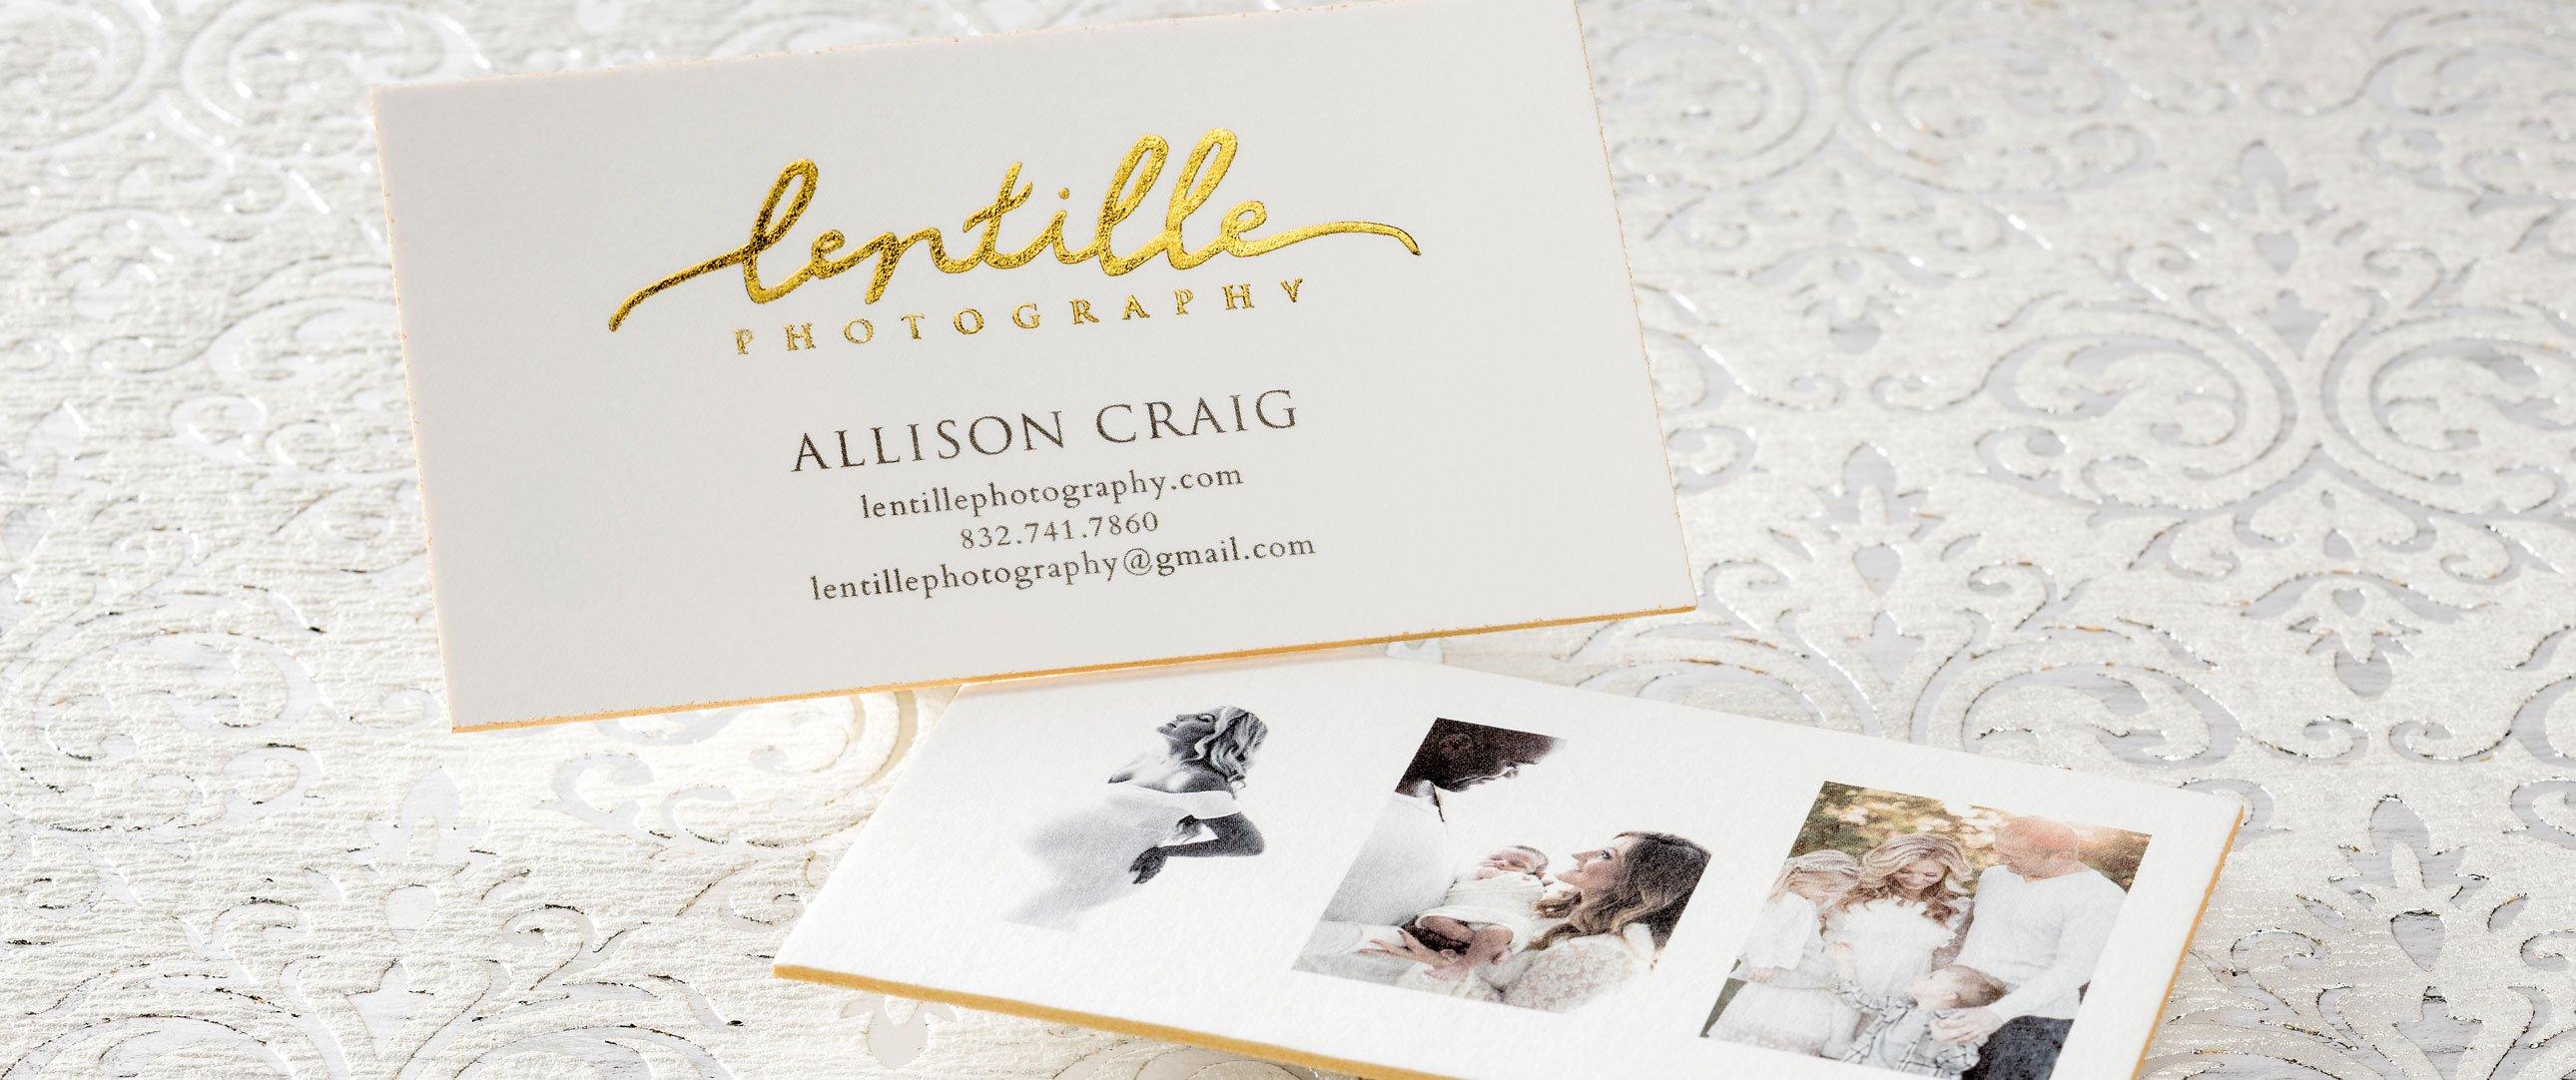 Lentille Photography letterpress card with foil edges